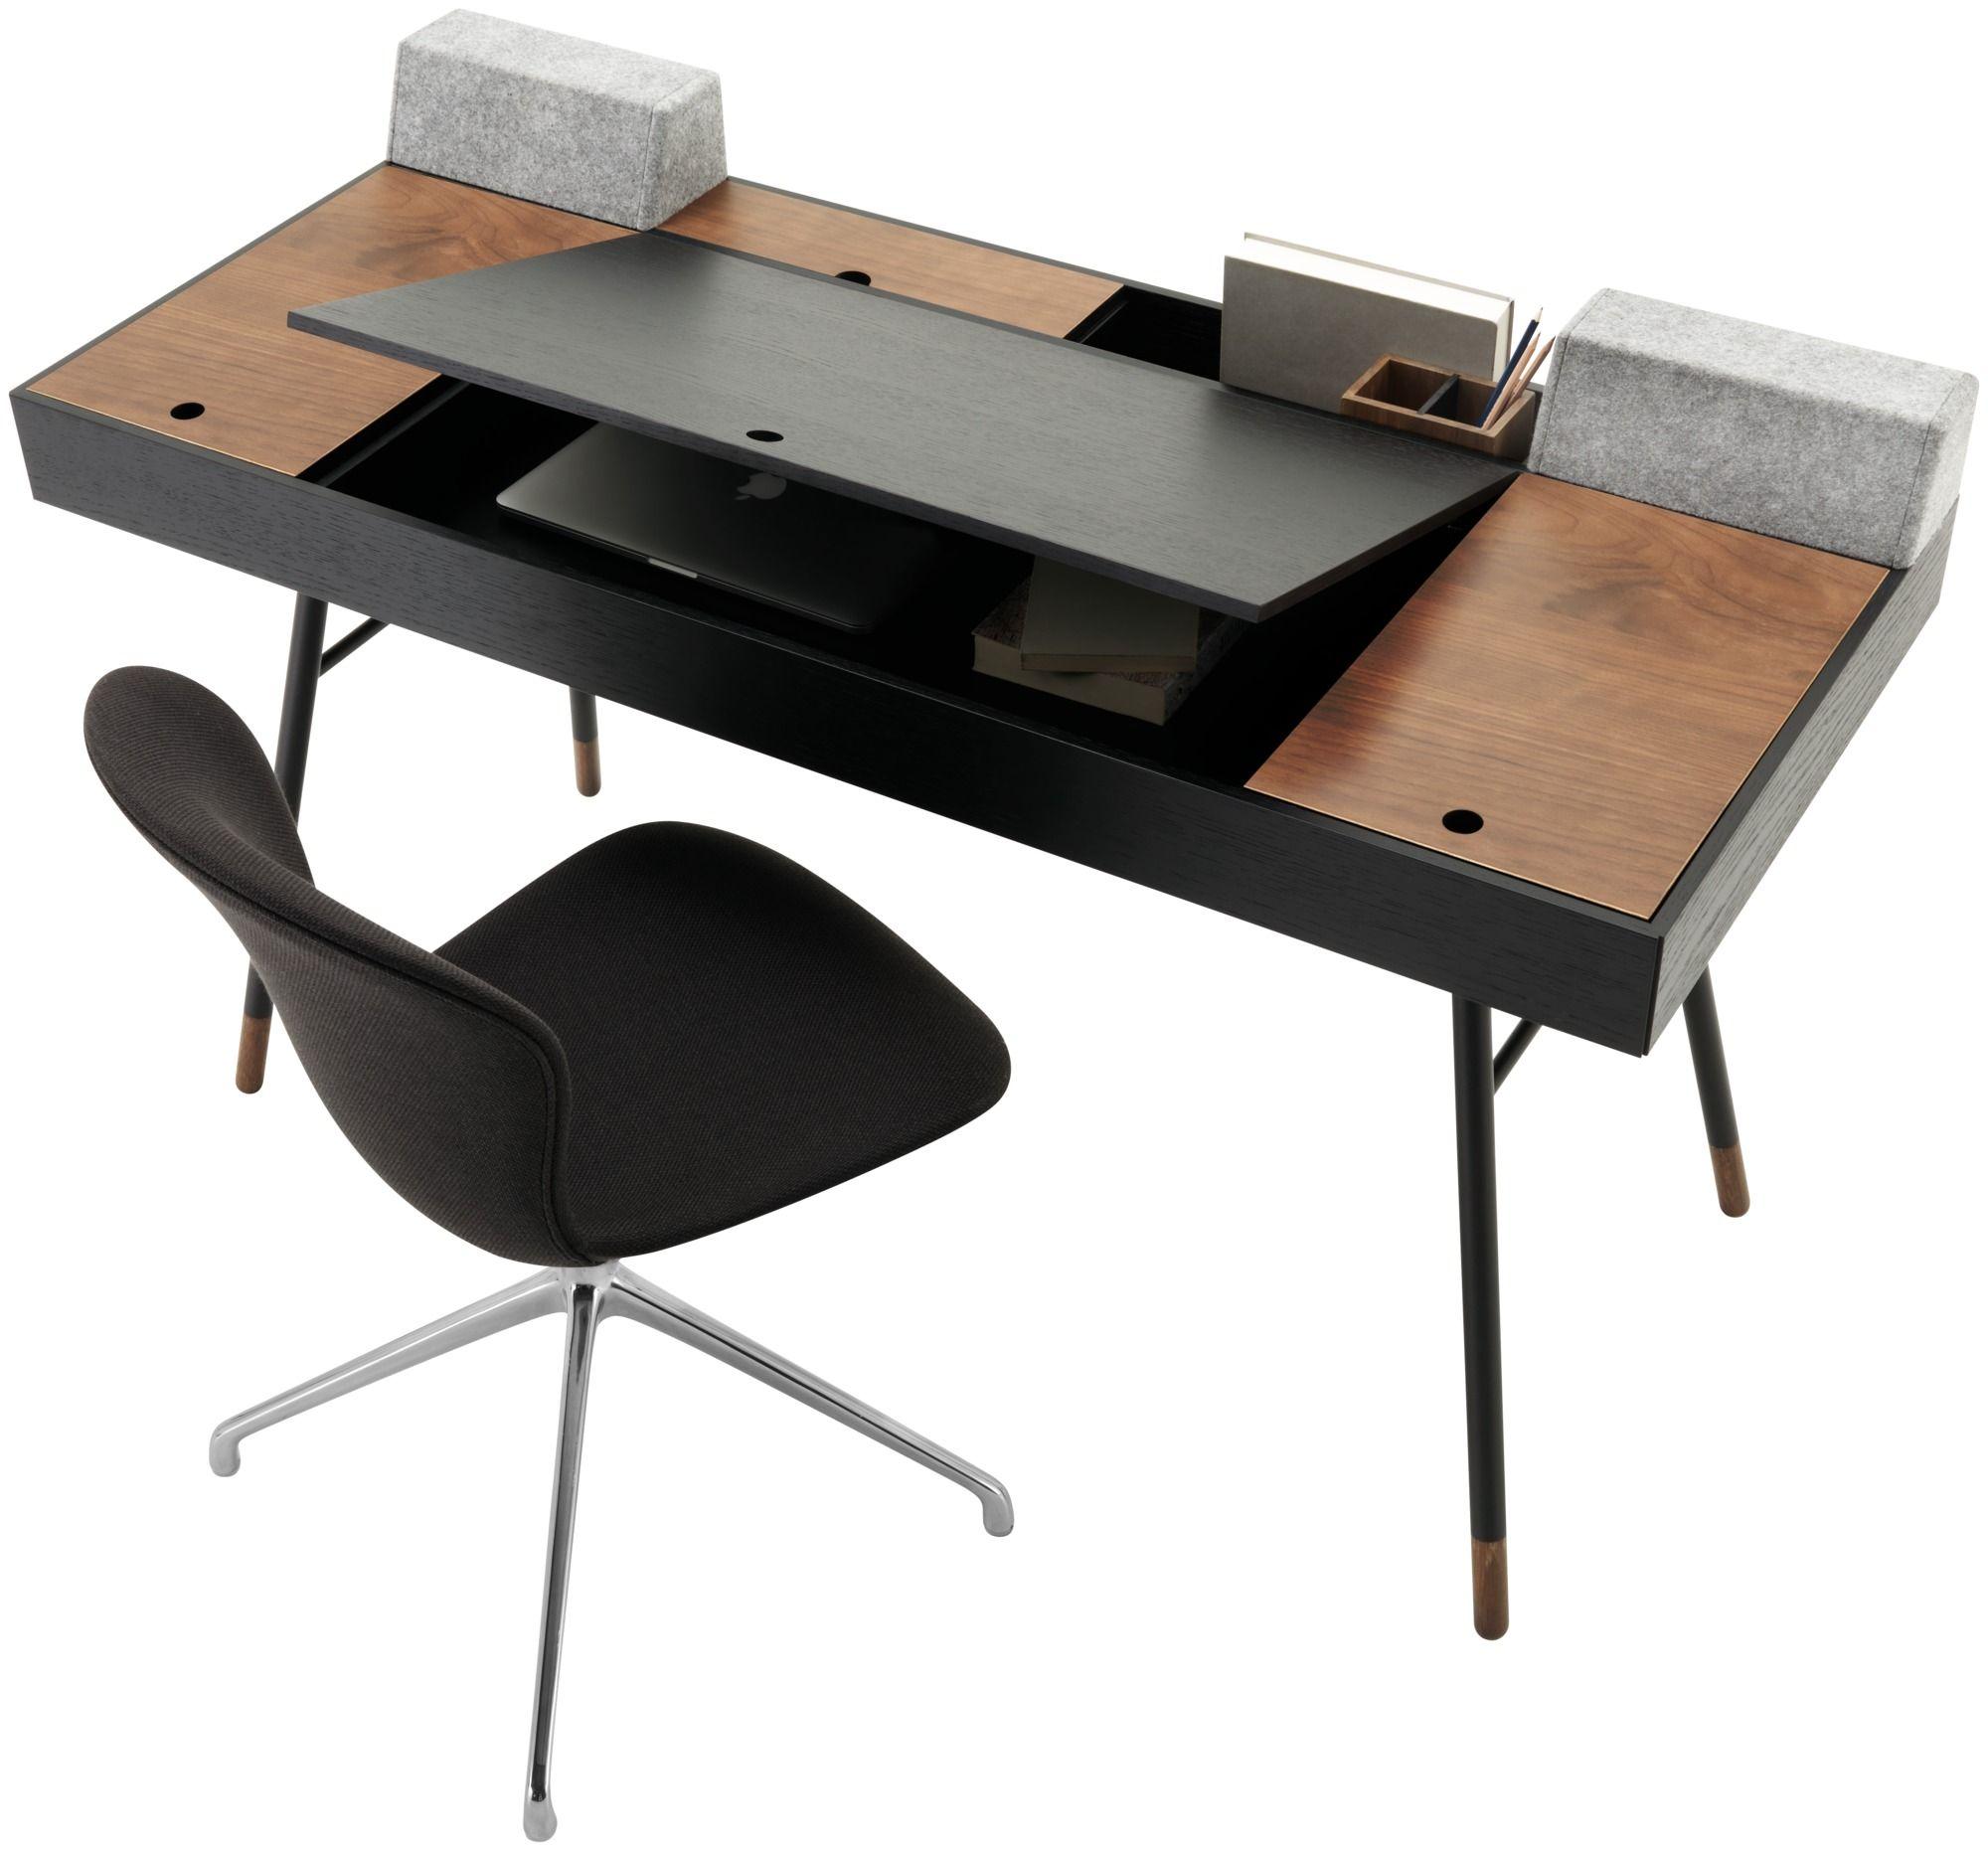 Muebles talego segunda mano obtenga ideas dise o de muebles para su hogar aqu - Muebles oficina segunda mano tenerife ...